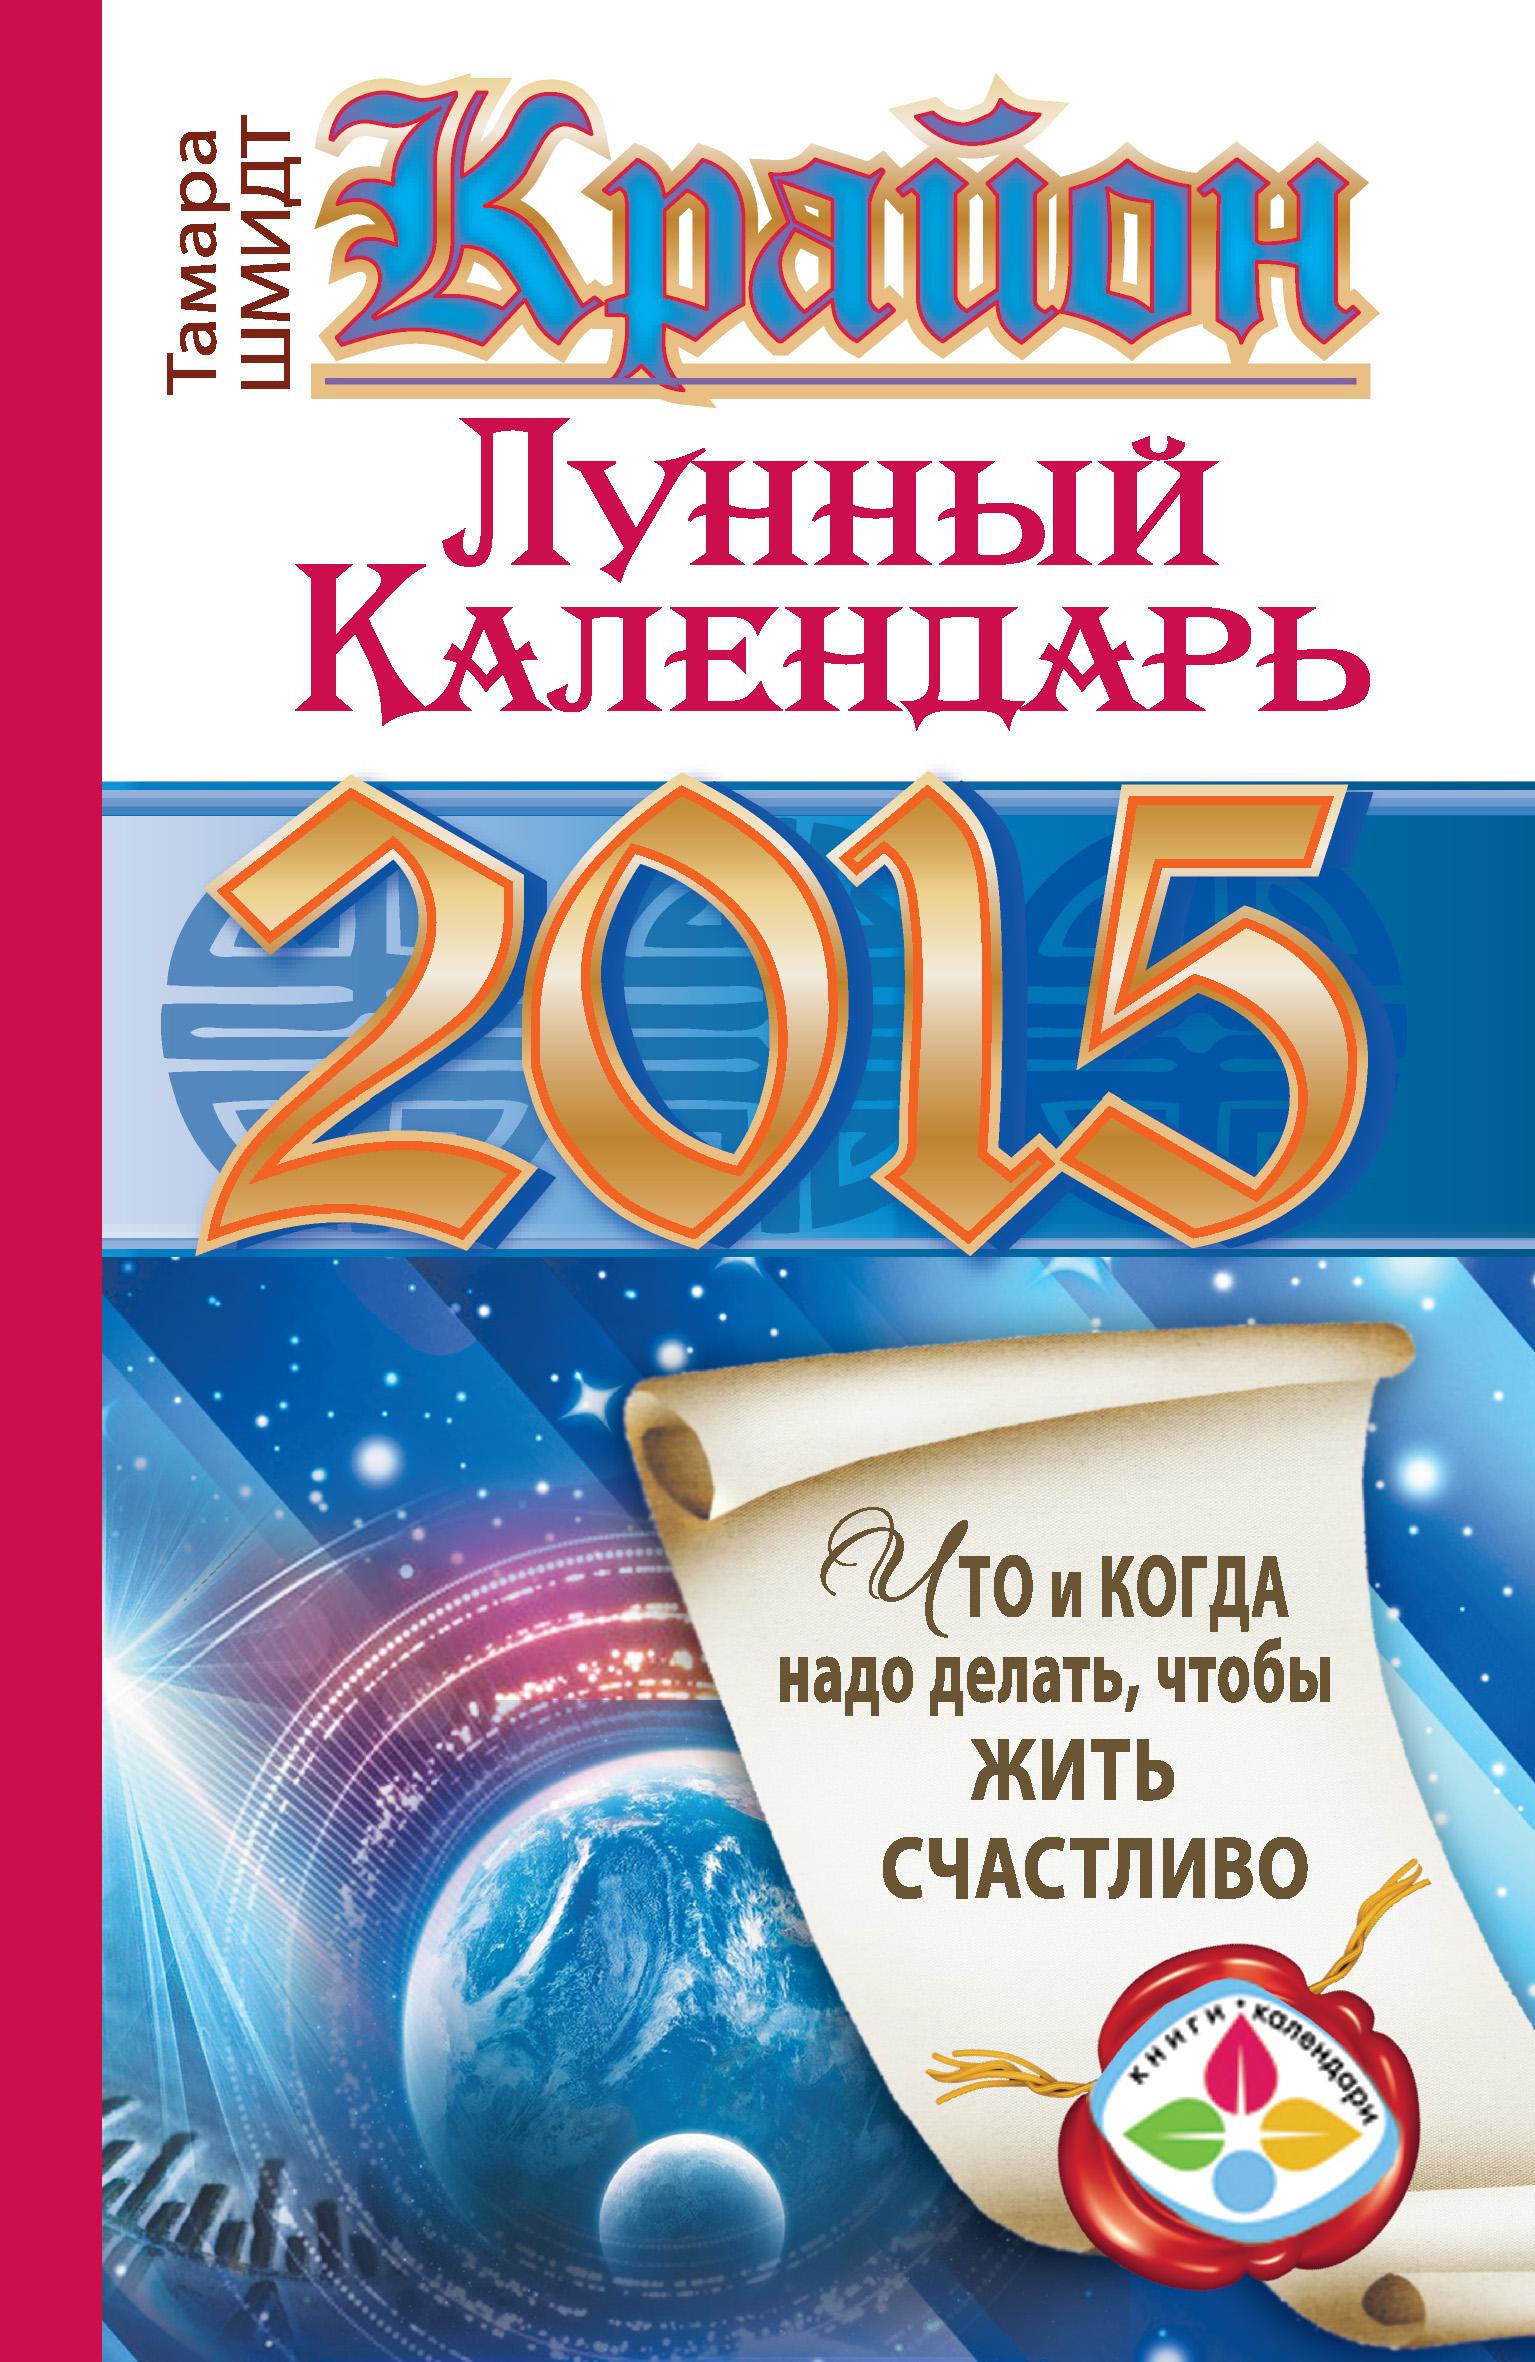 Крайон. Лунный календарь на 2015 год. Что и когда надо делать, чтобы жить счастливо